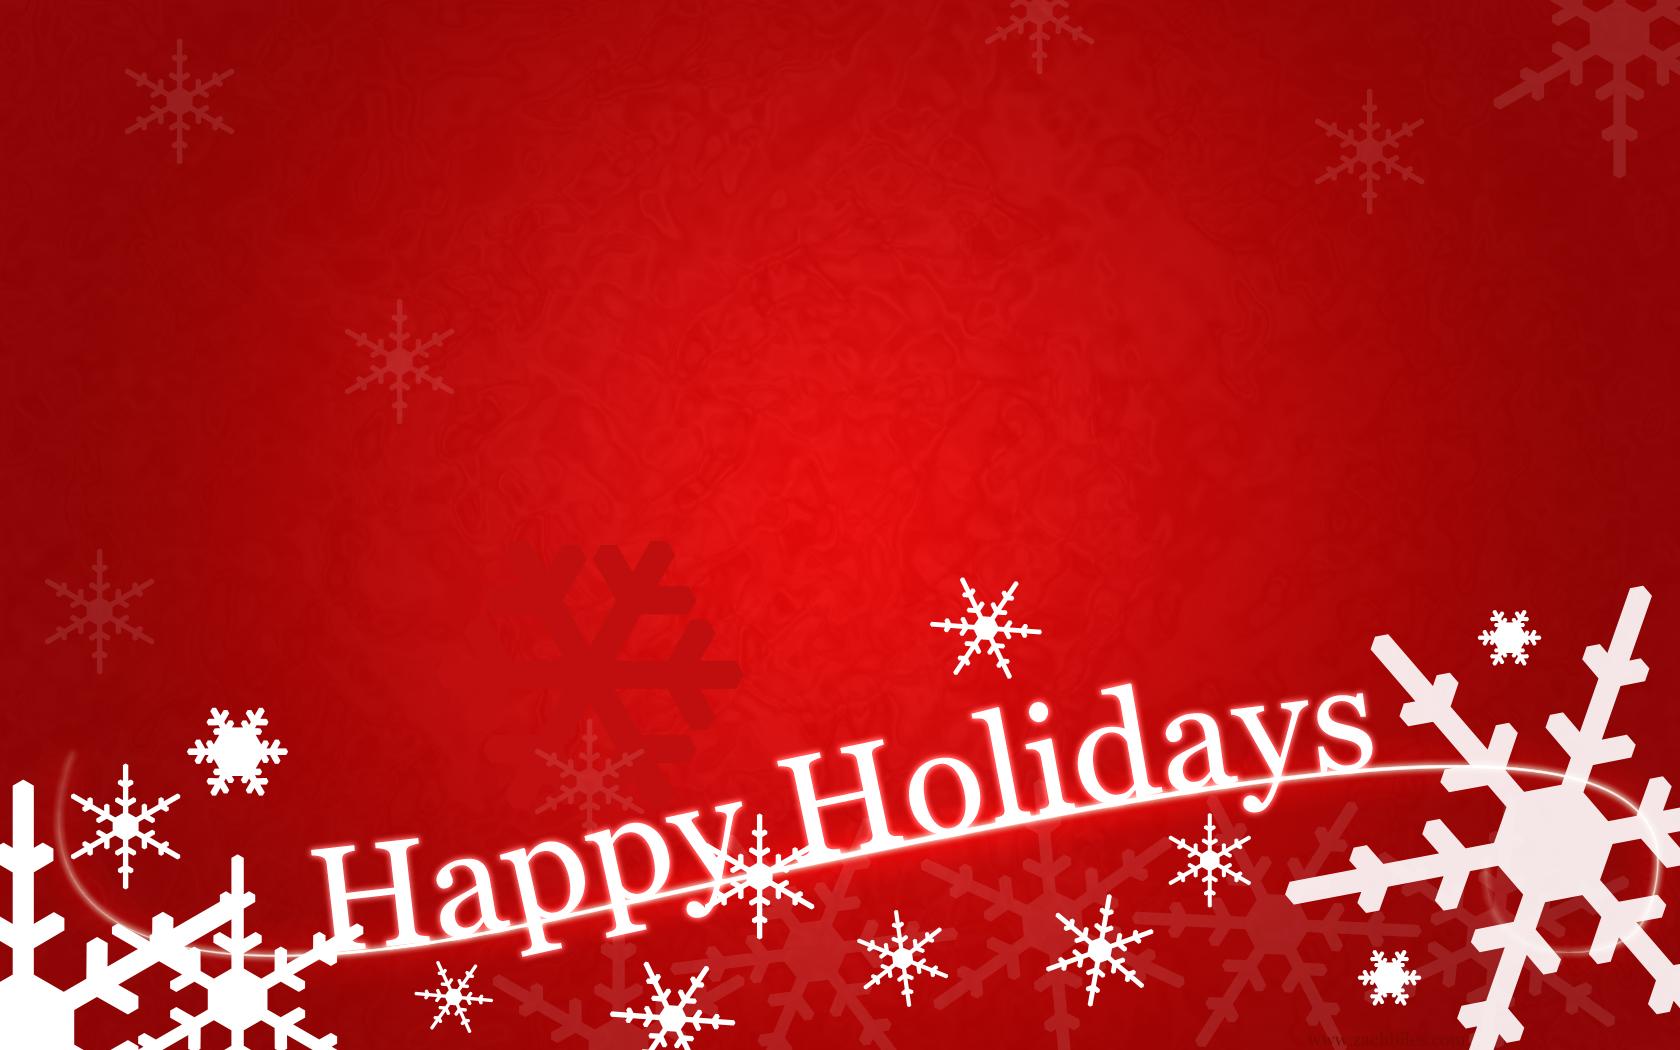 cms-happy-holidays